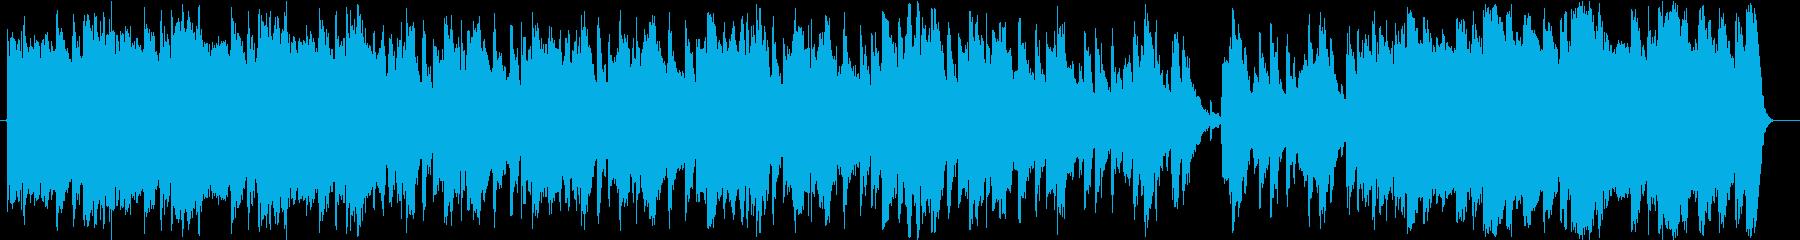 戦闘・追跡シーン系BGM_ATypeの再生済みの波形